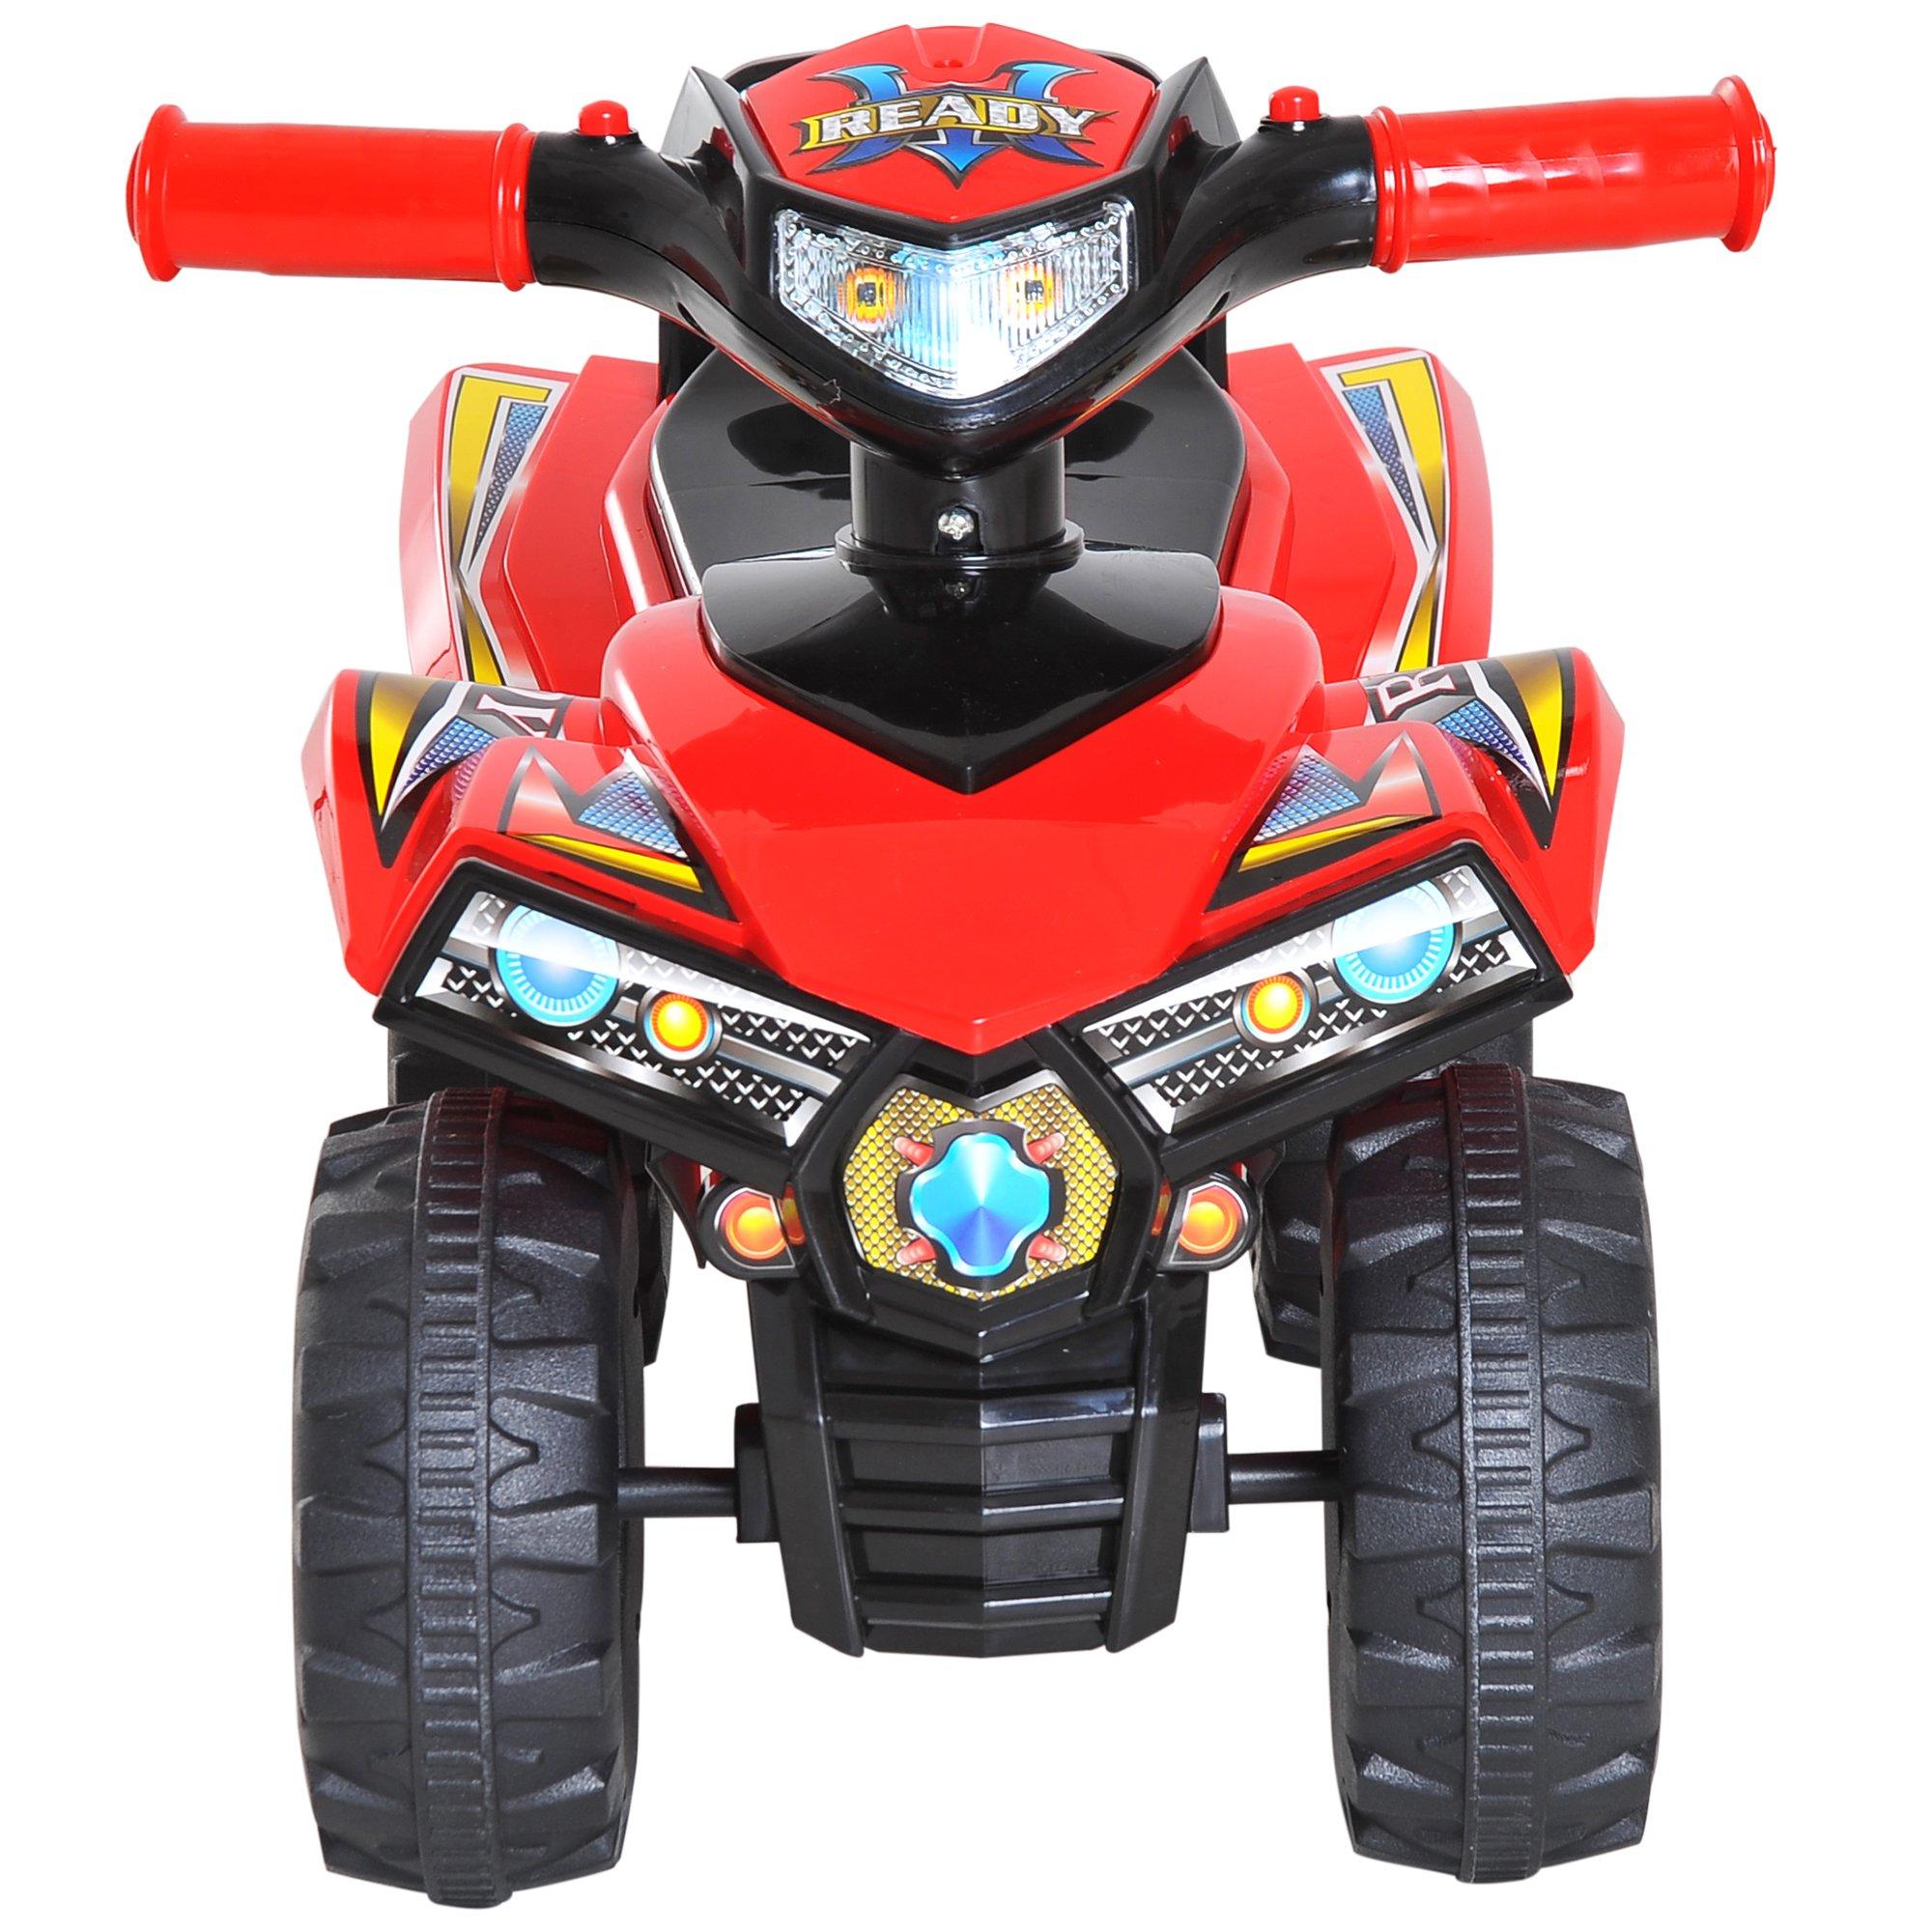 Homcom Quad Giocattolo per Bambini con 4 Ruote Clacson Musica Luci 60 × 38 × 42cm in PP Rosso